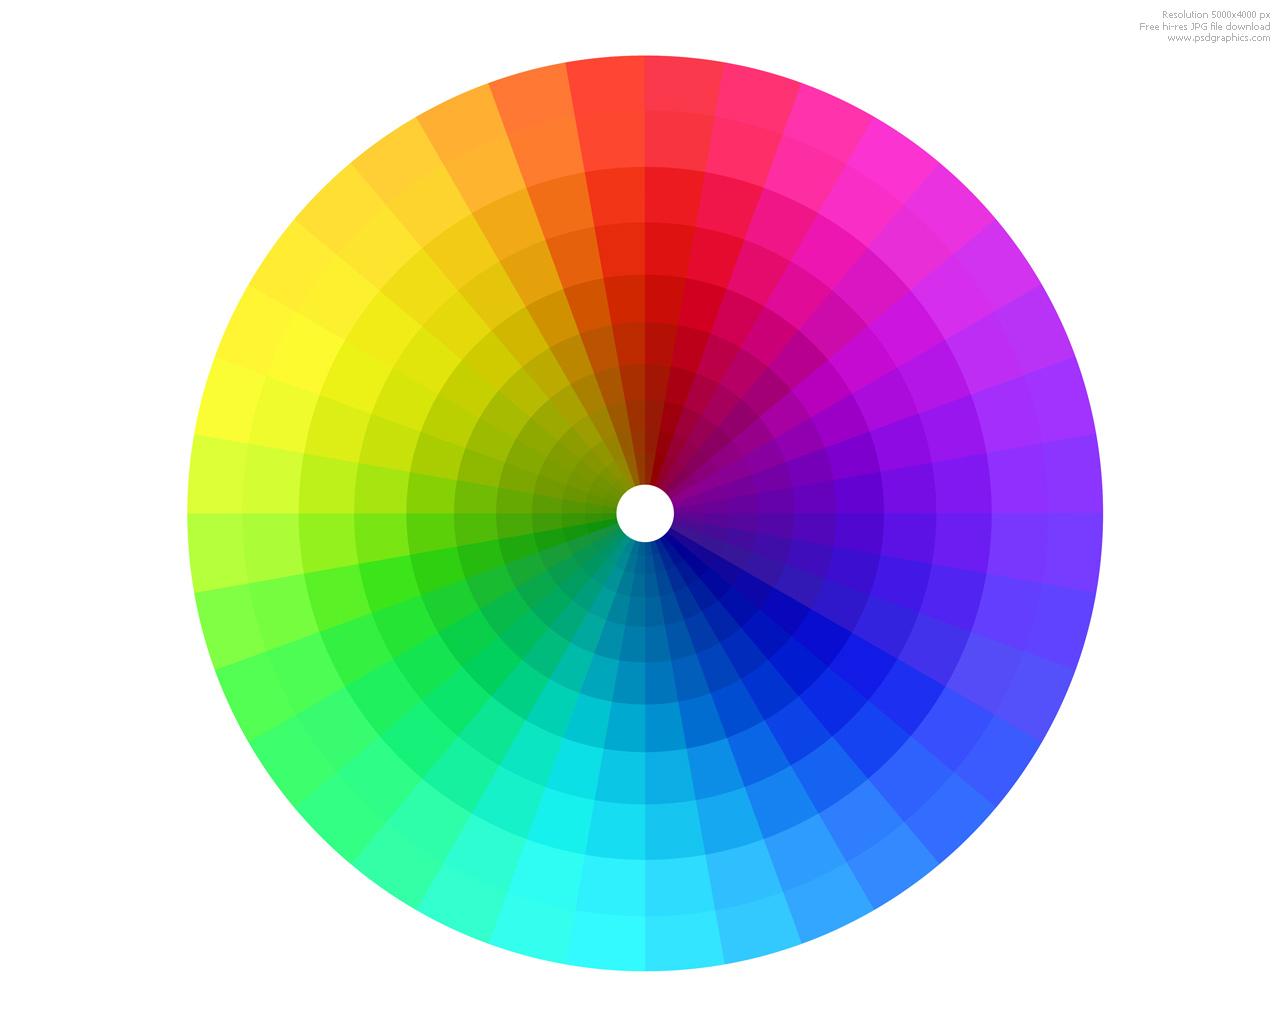 Fotograf a teor a del color for Gama de colores vivos